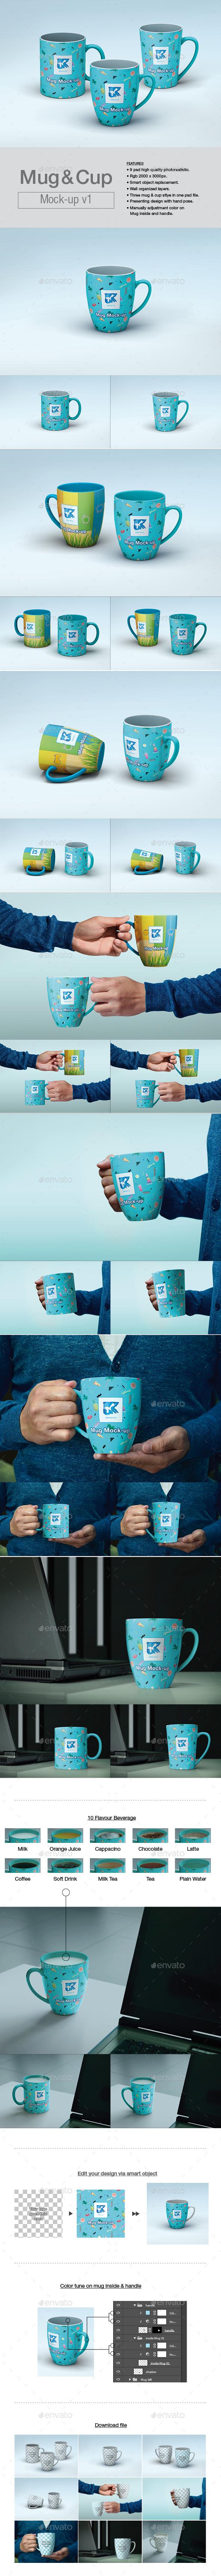 Mug & Cup Mock-up v1 - Product Mock-Ups Graphics